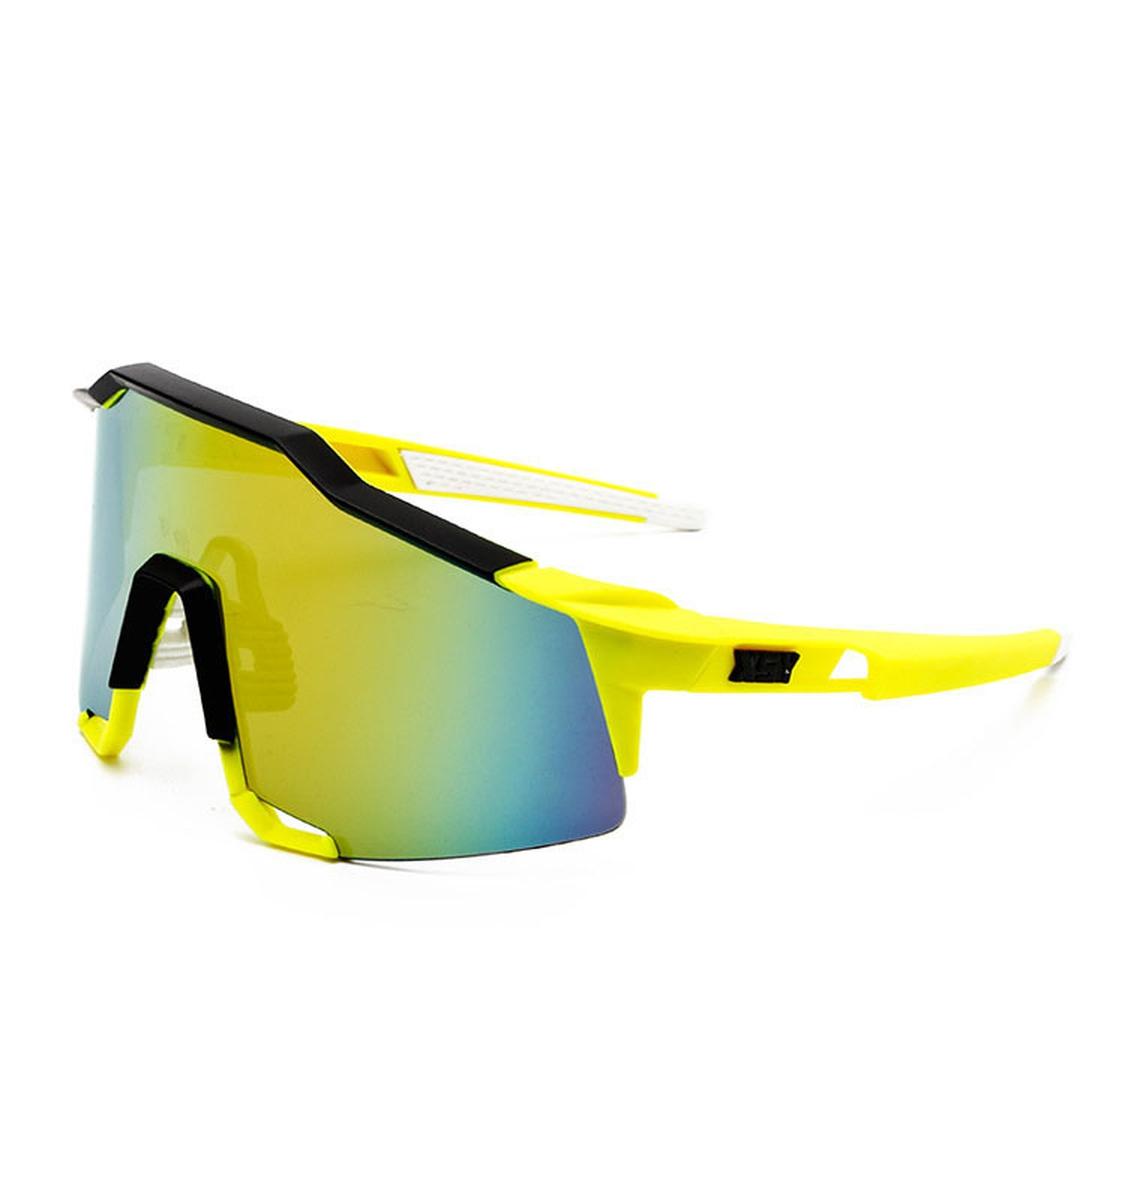 XSY Sportsbriller - Stort Utvalg